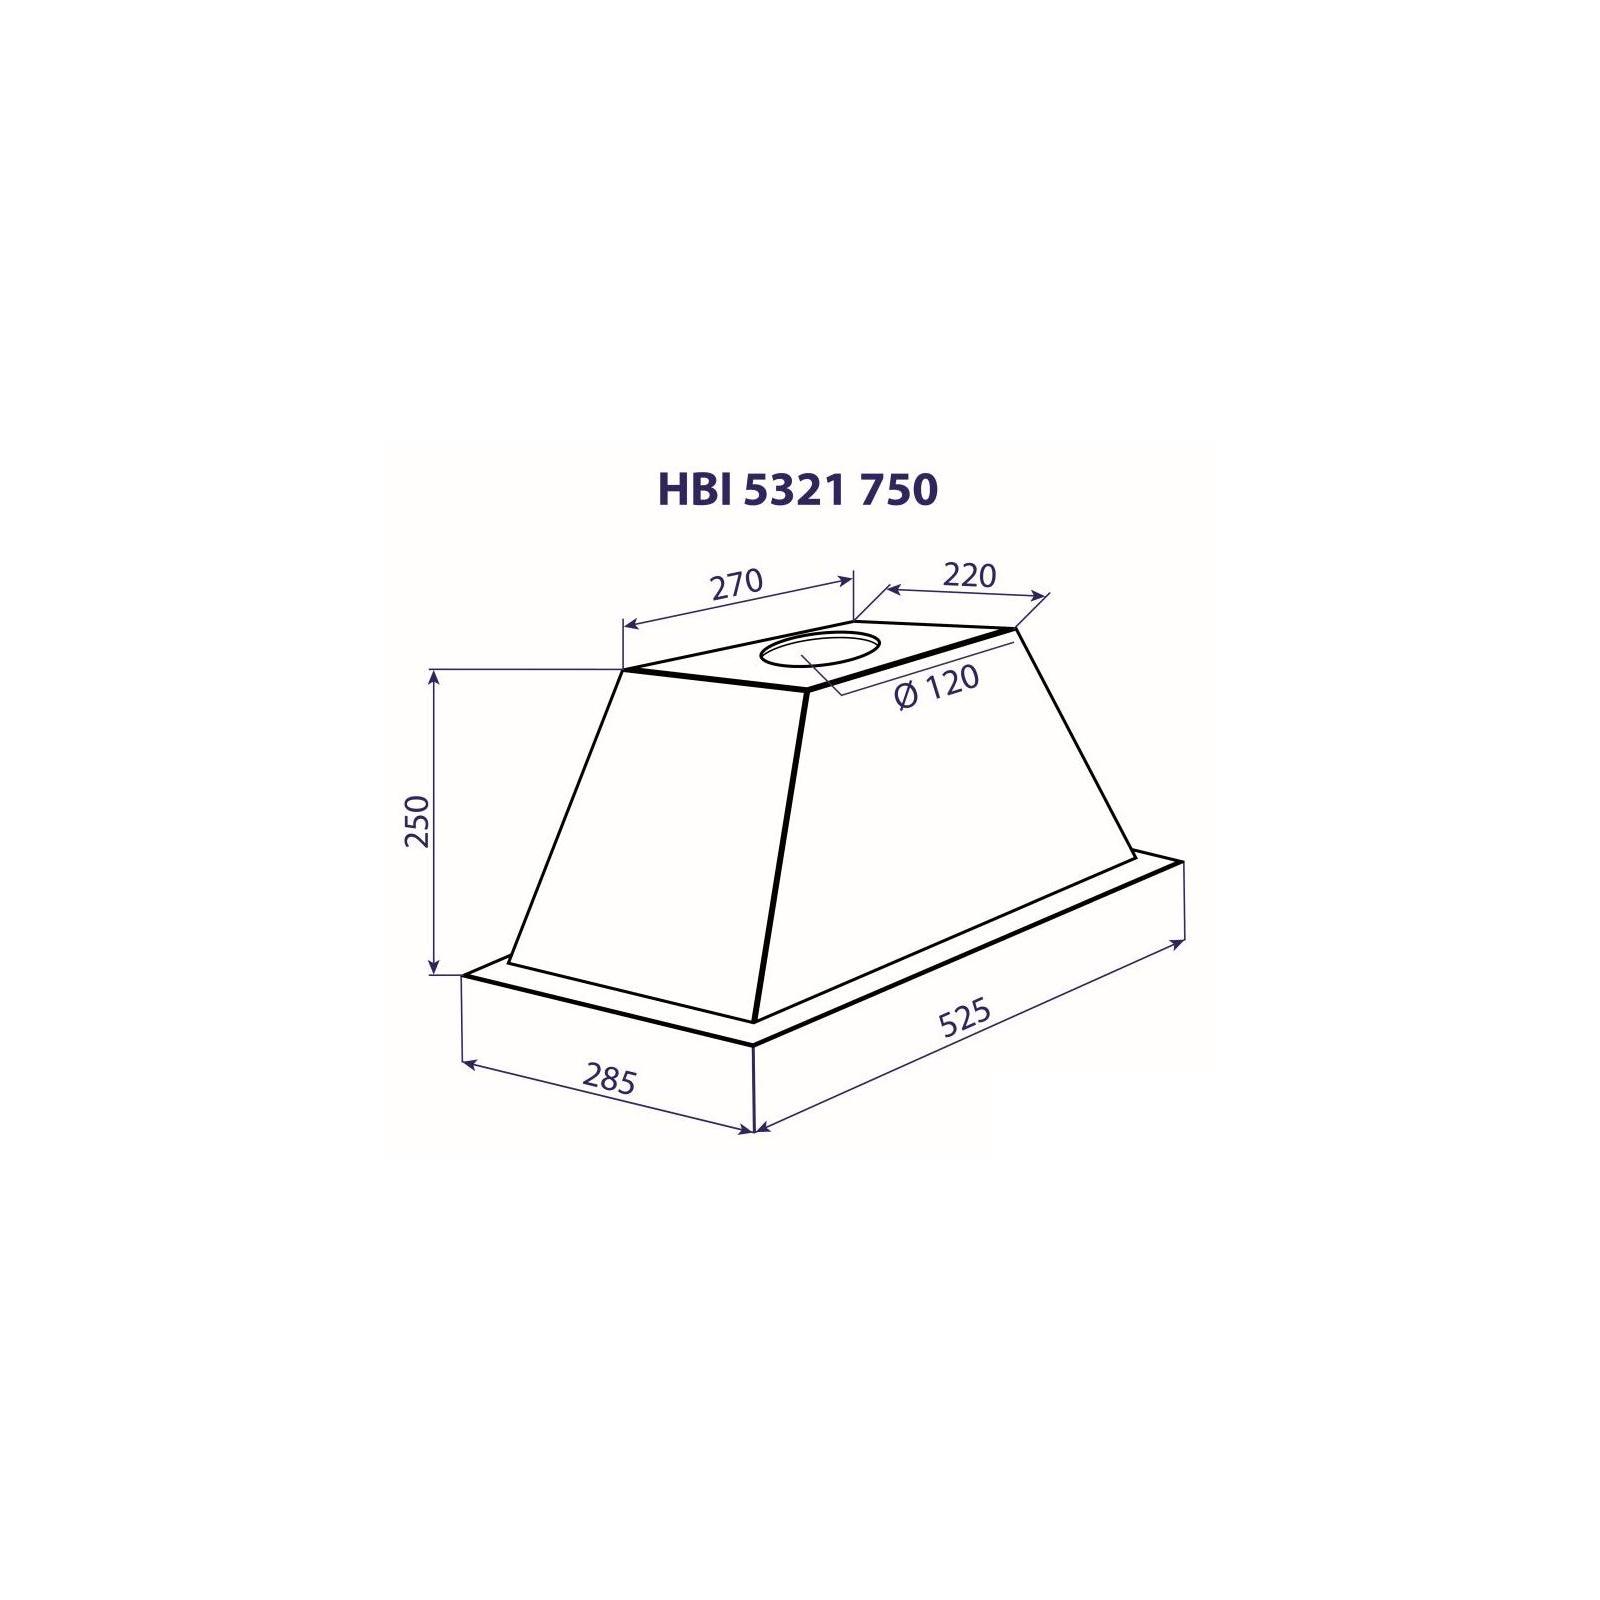 Вытяжка кухонная MINOLA HBI 5321 I 750 изображение 10